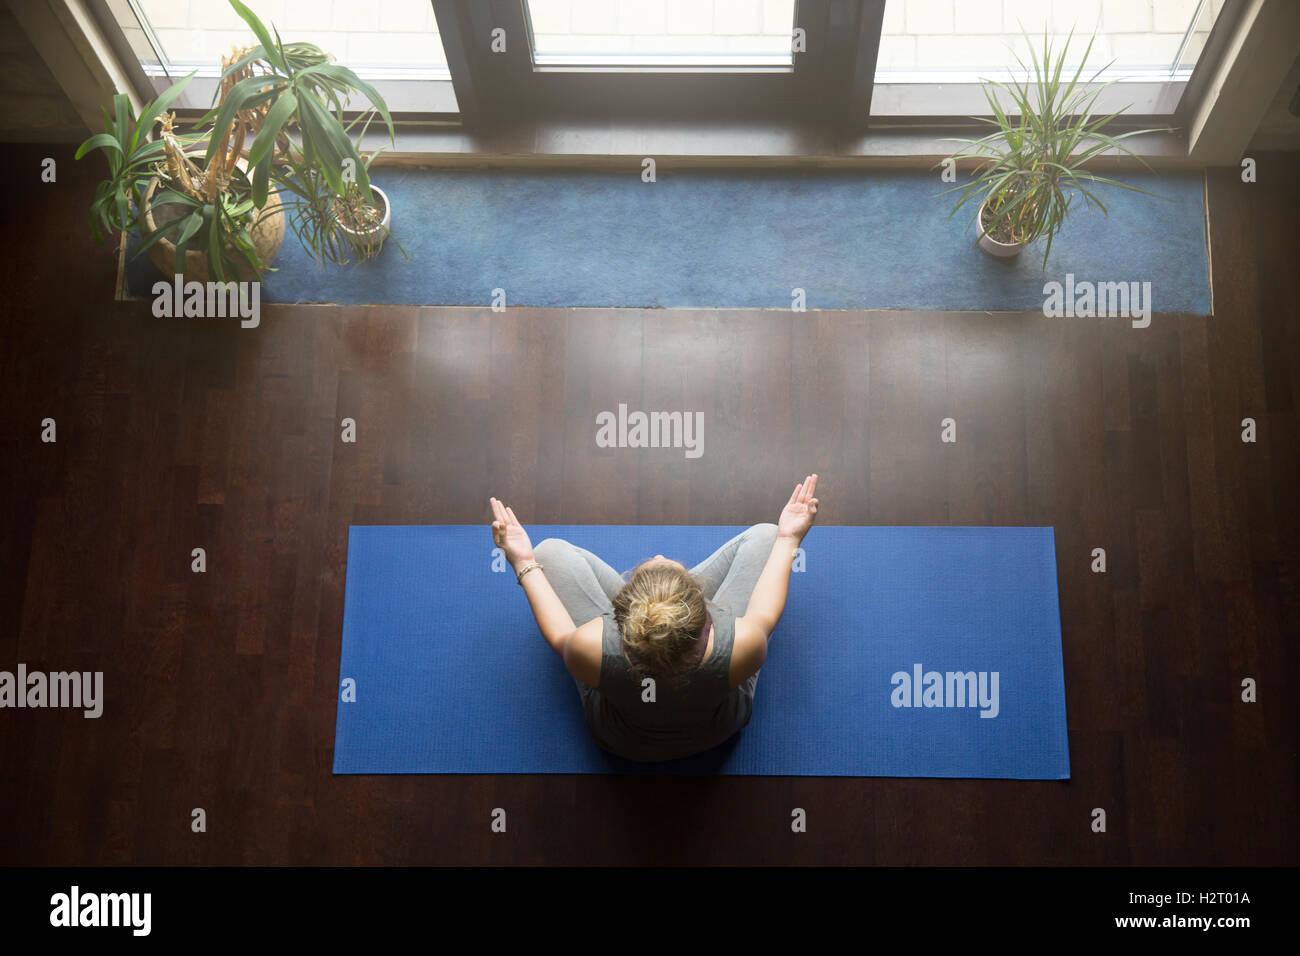 Yoga zu Hause: Meditation-Konzept Stockbild